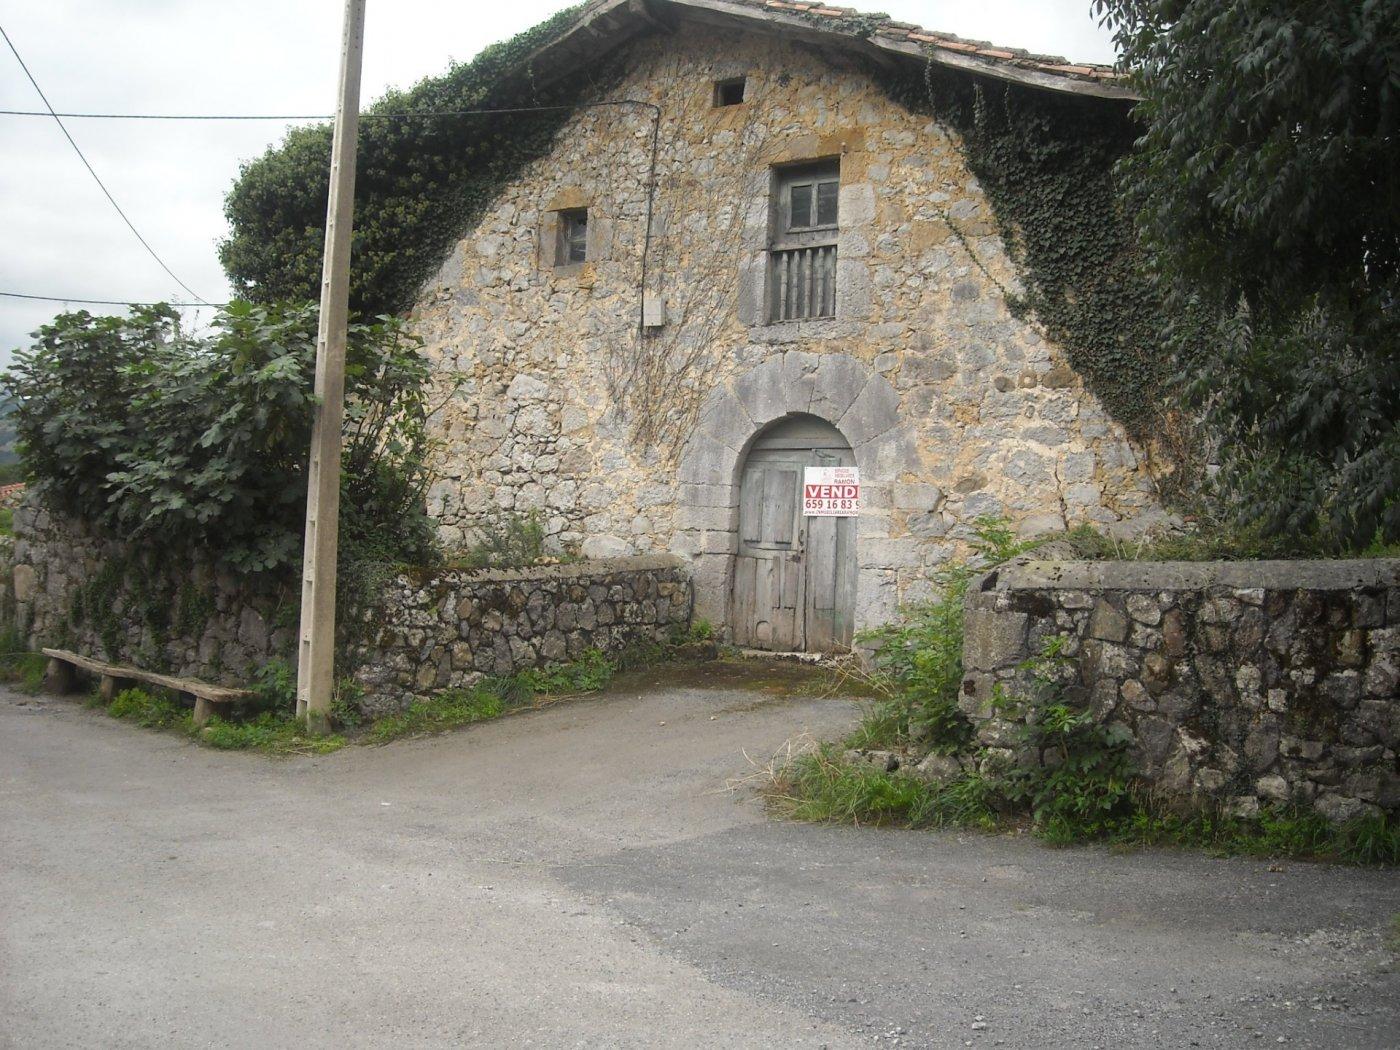 Casa con terreno en venta en Ruesga  de 286 m2 por 50.000 €.